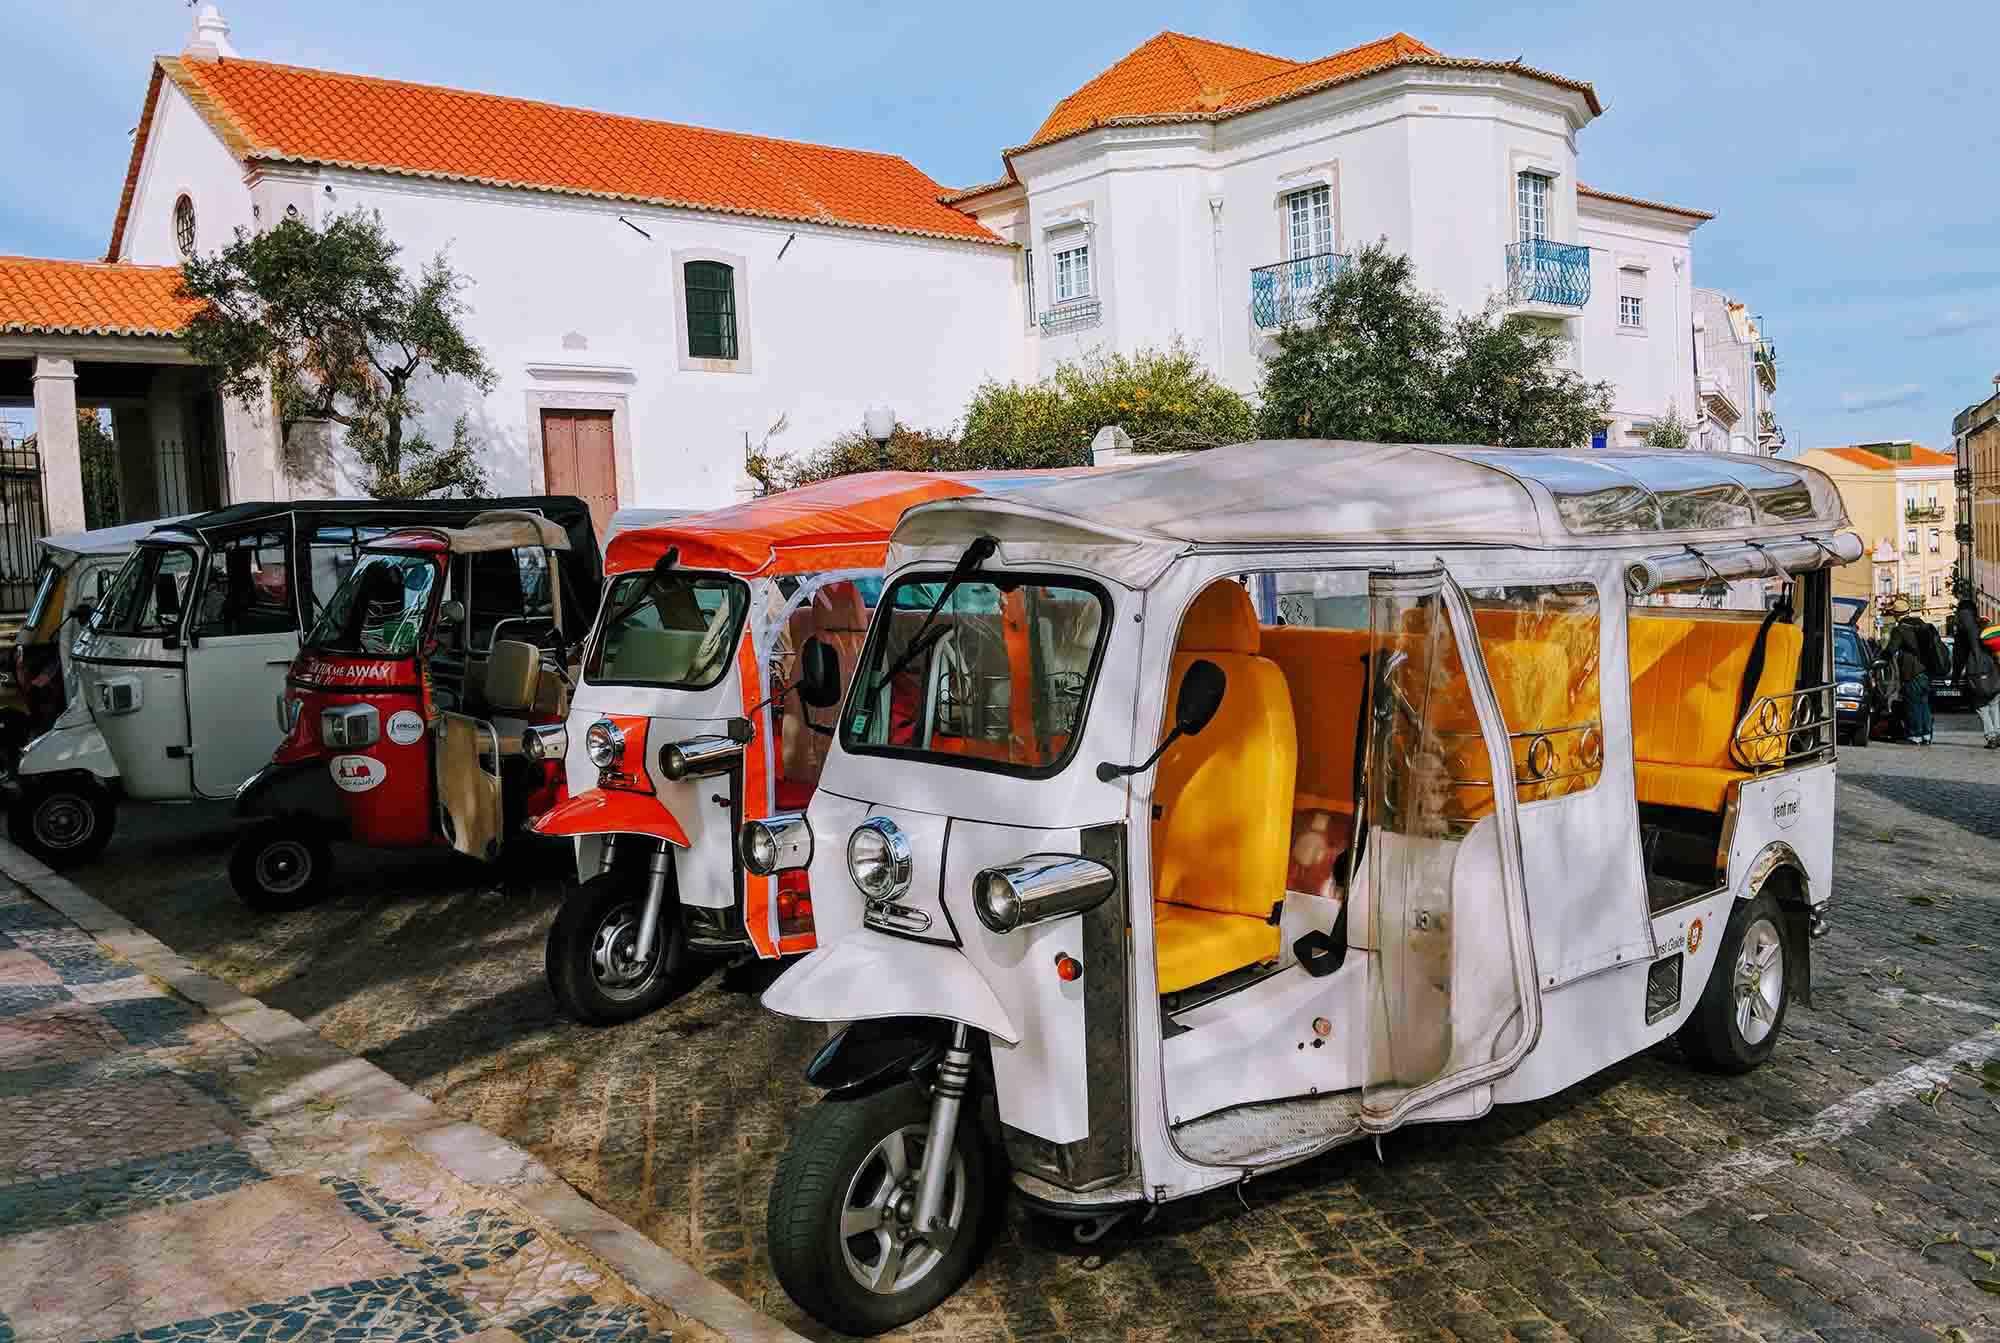 tuk tuks in Lisbon